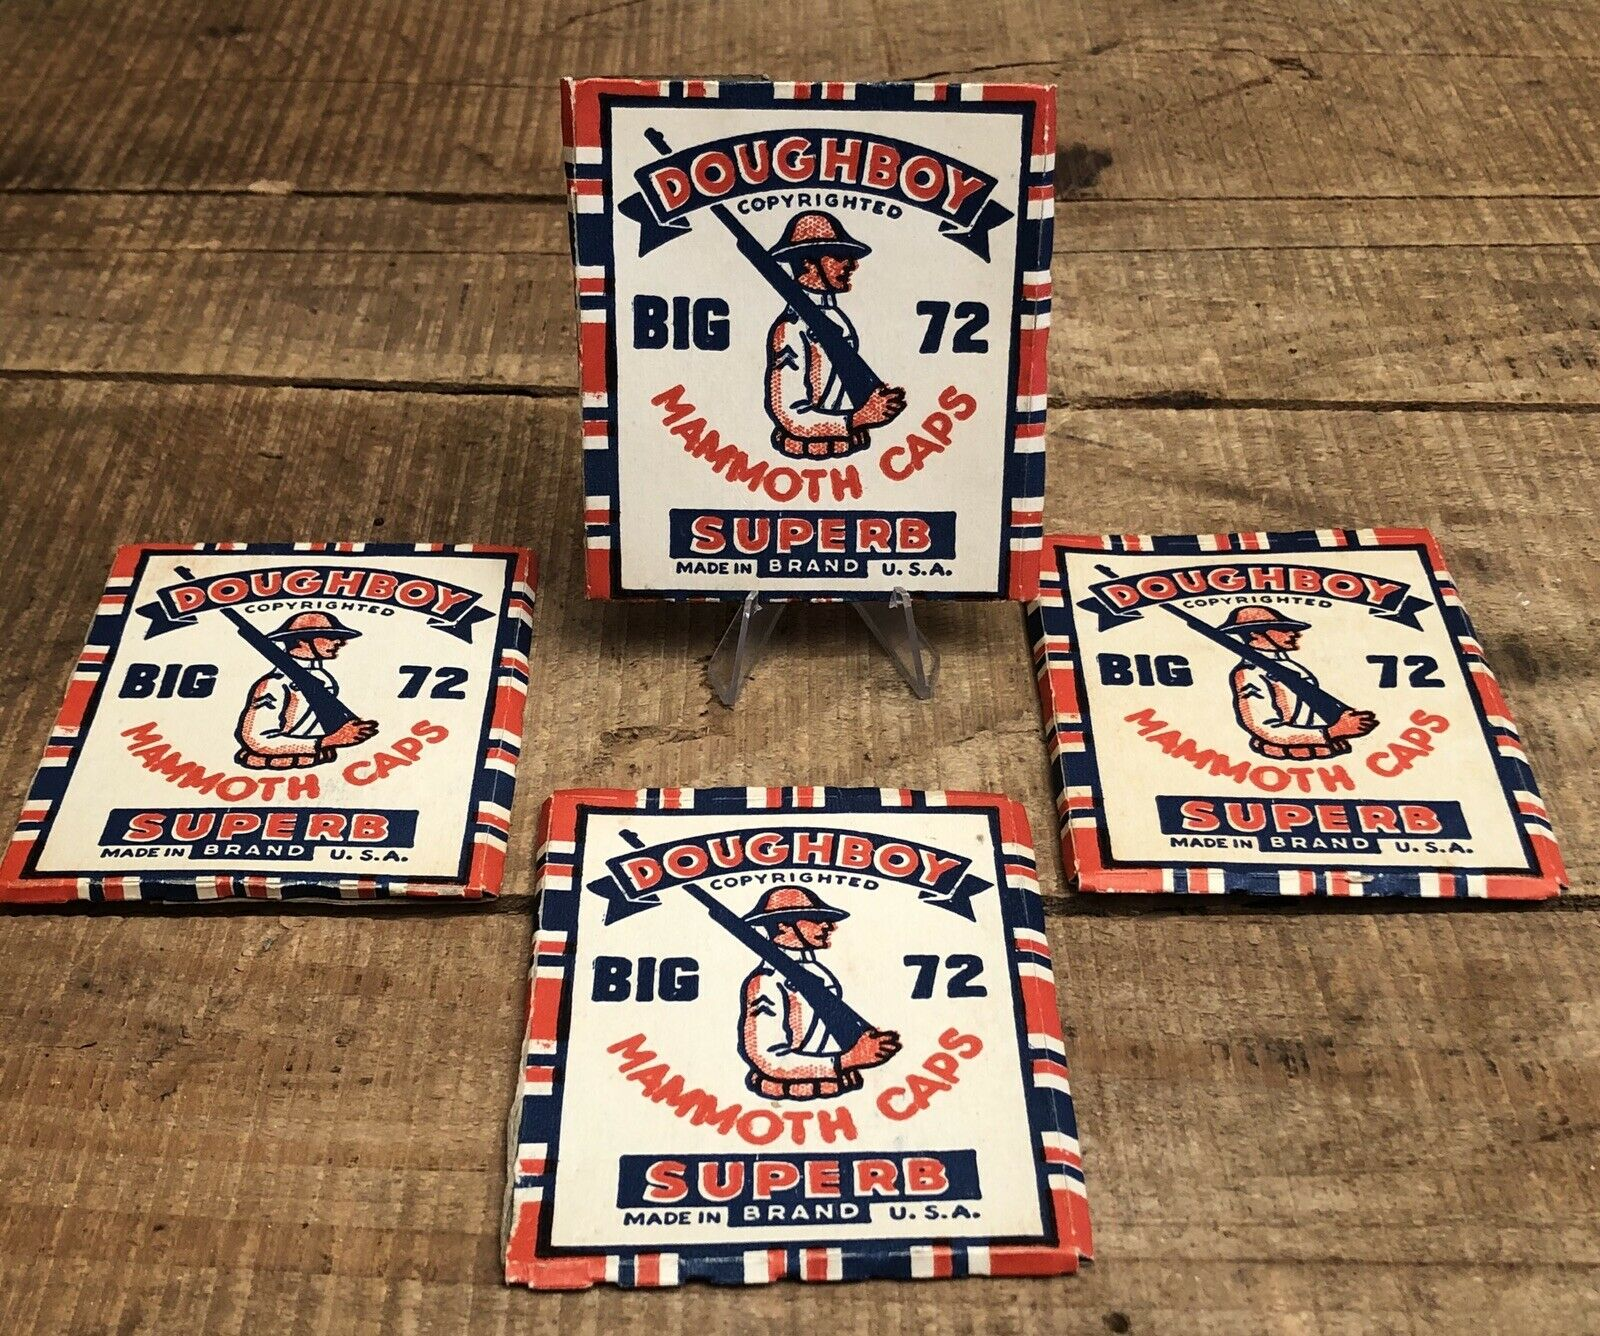 Lote de 4 Vintage Big 72 Mammoth Tapas pistola Doughboy publicidad de disparo